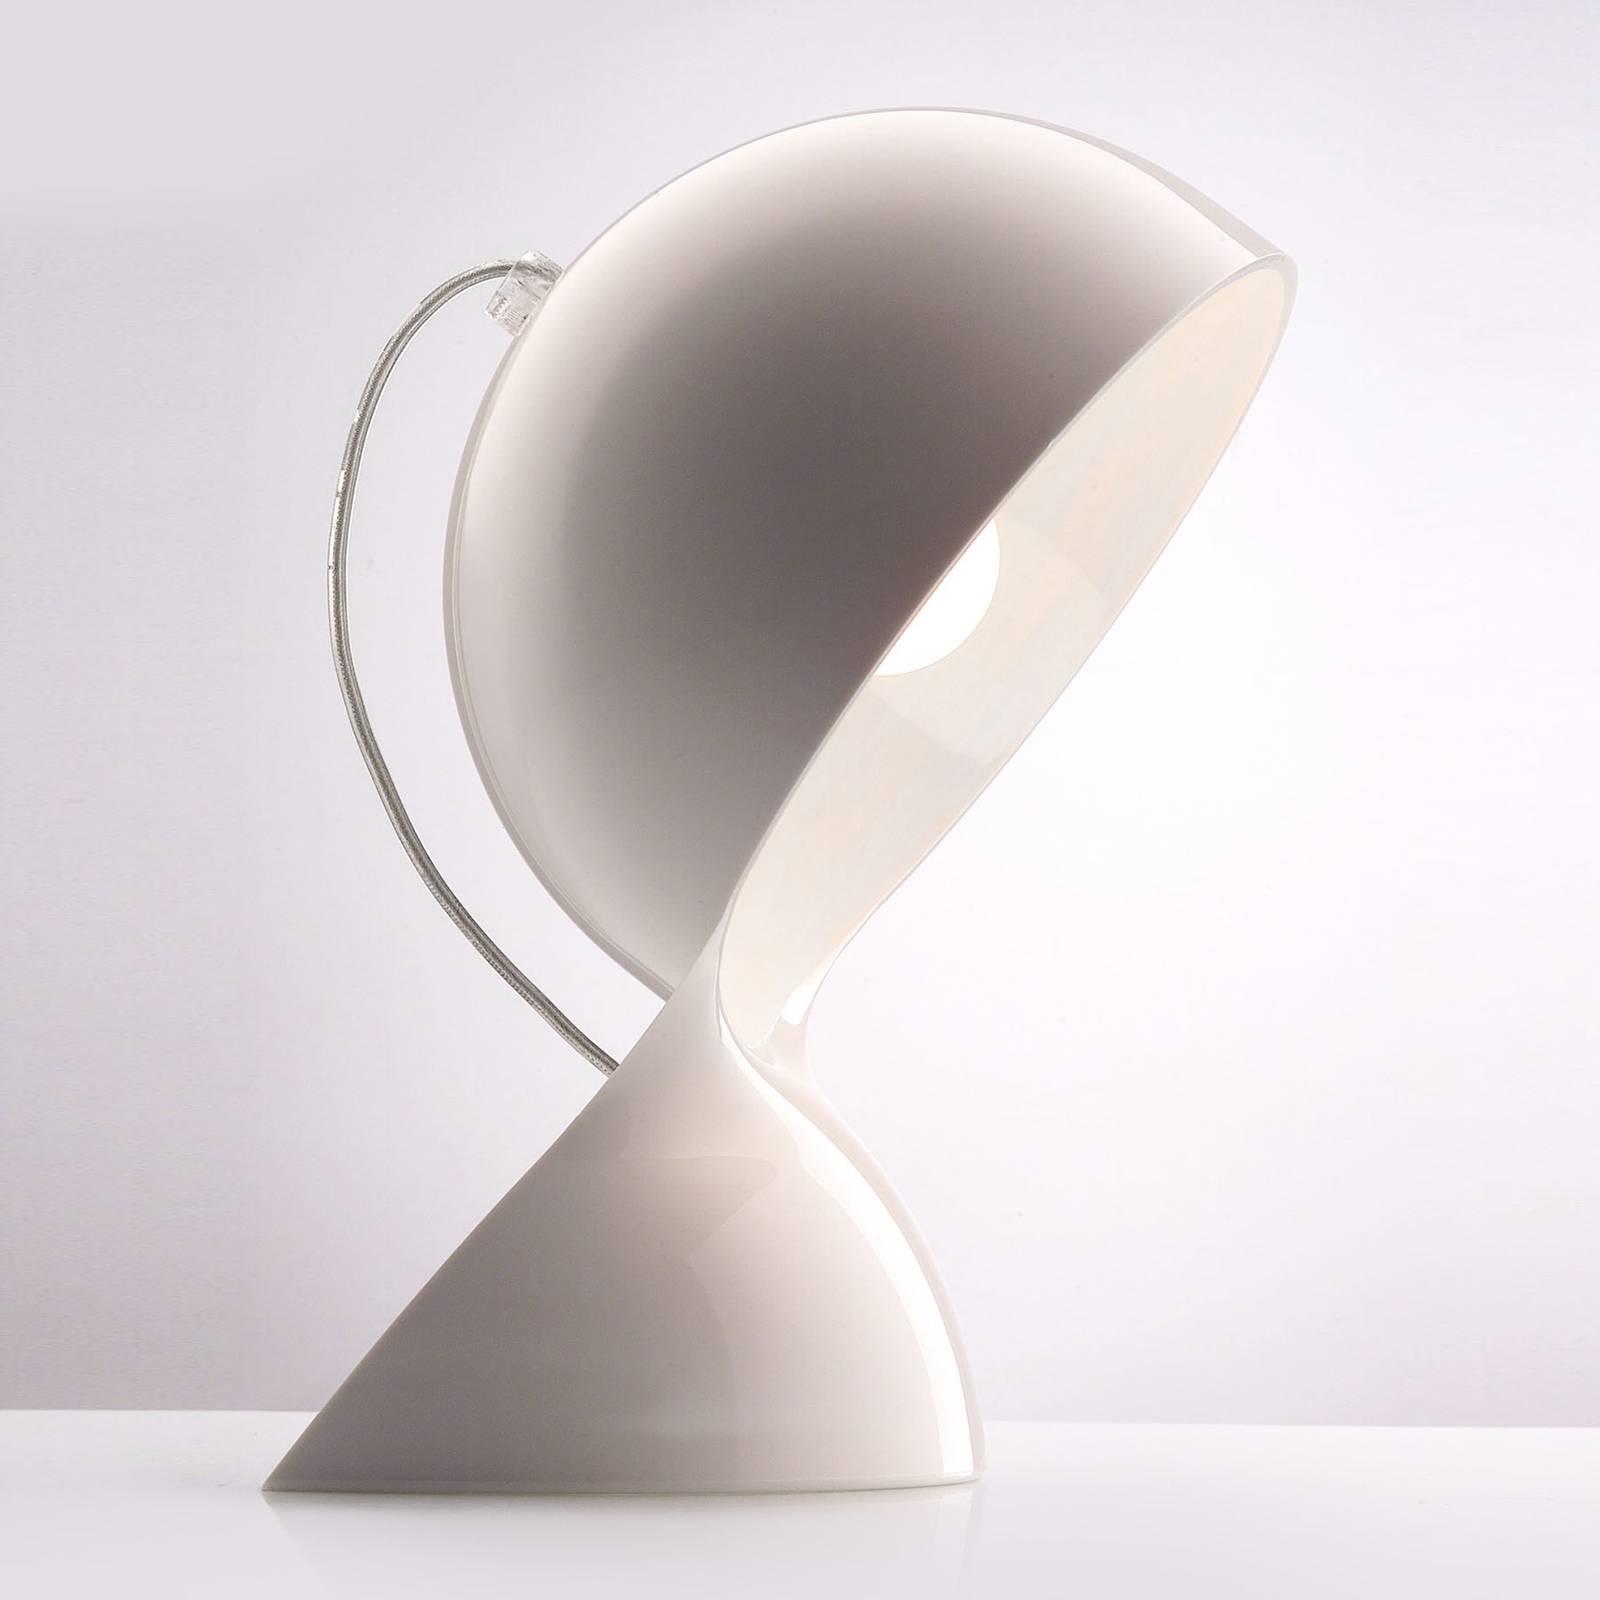 Artemide Dalù Designer-Tischleuchte in Weiß